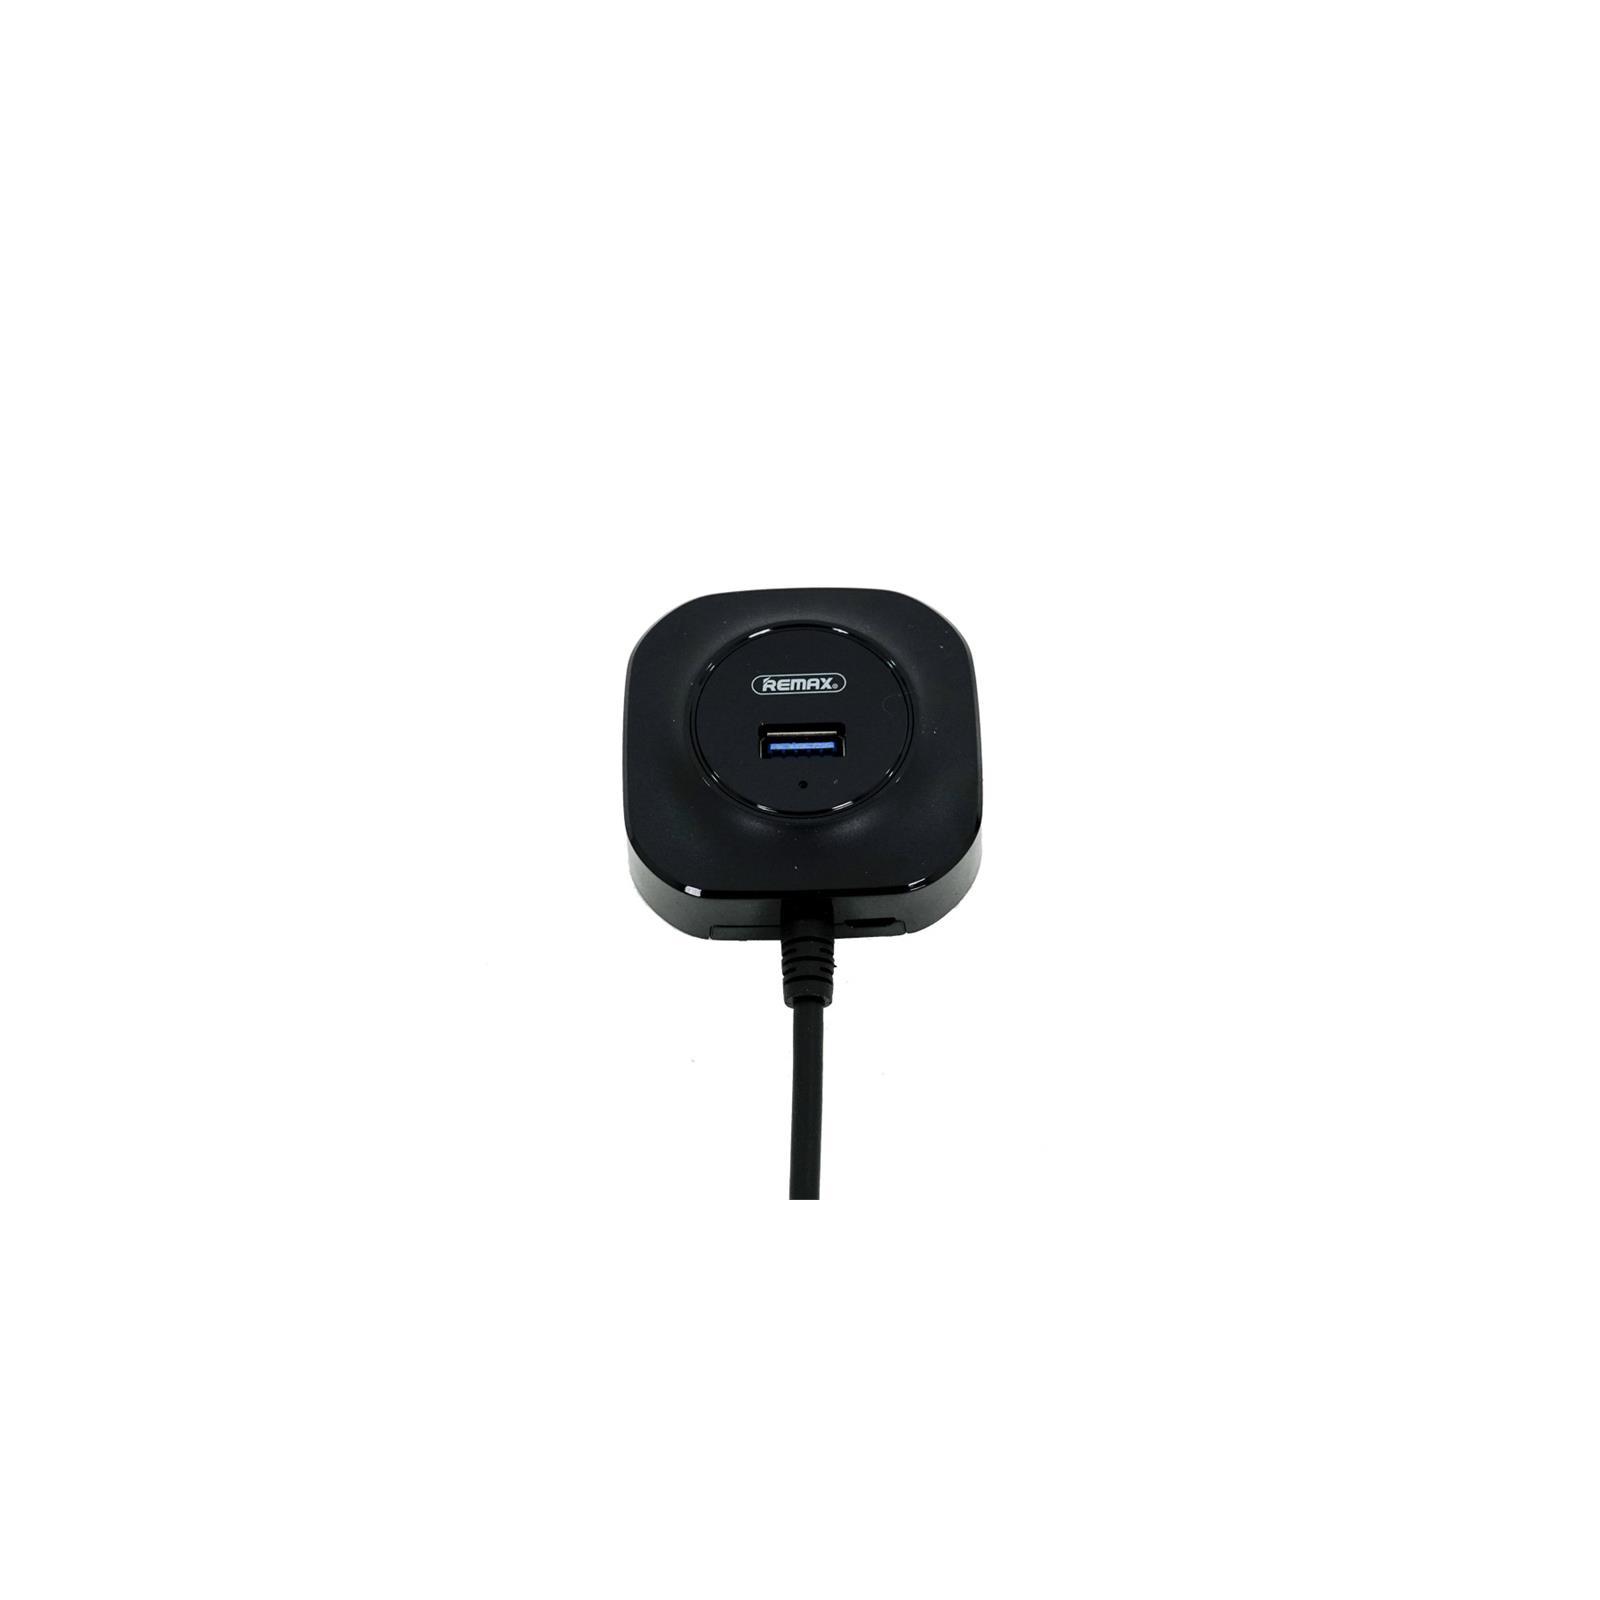 Концентратор Remax FONYE 4 порта USB 3.0, black (RU-U8-BLACK)